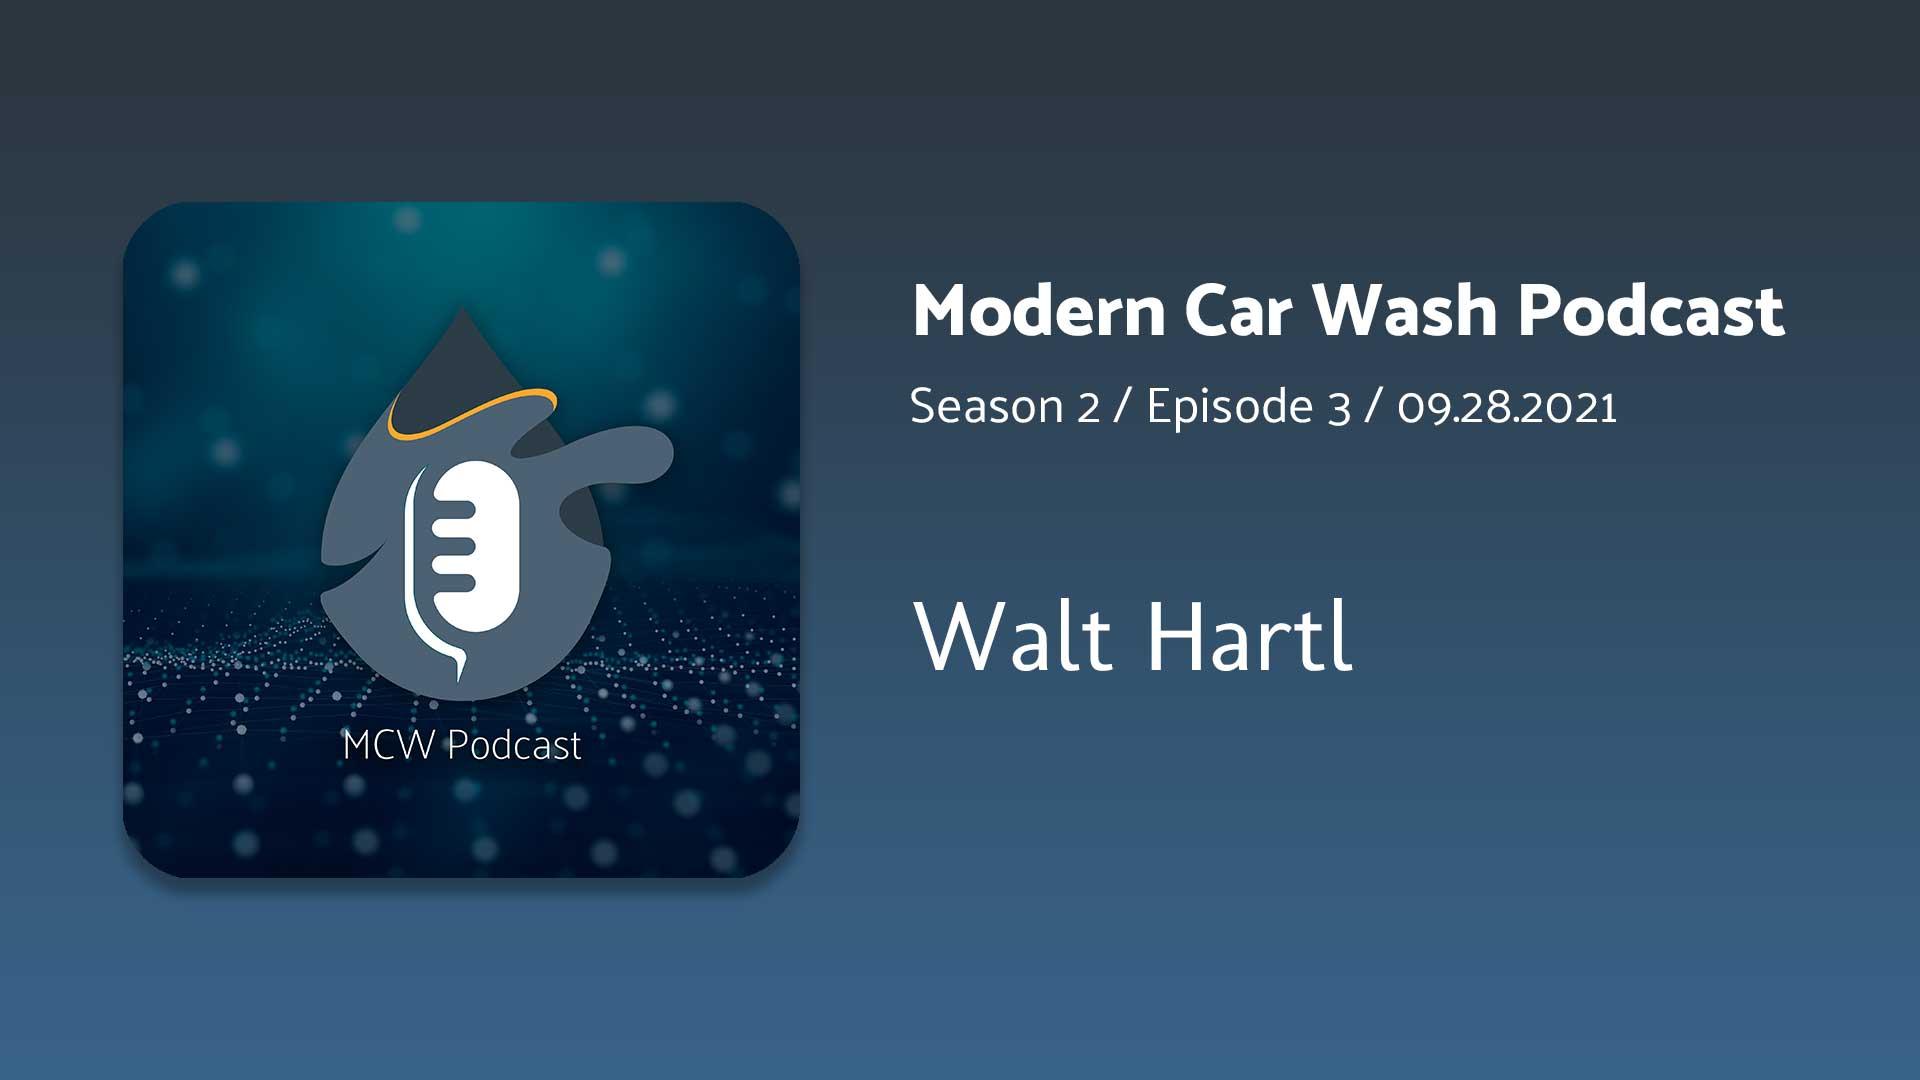 Walt Hartl